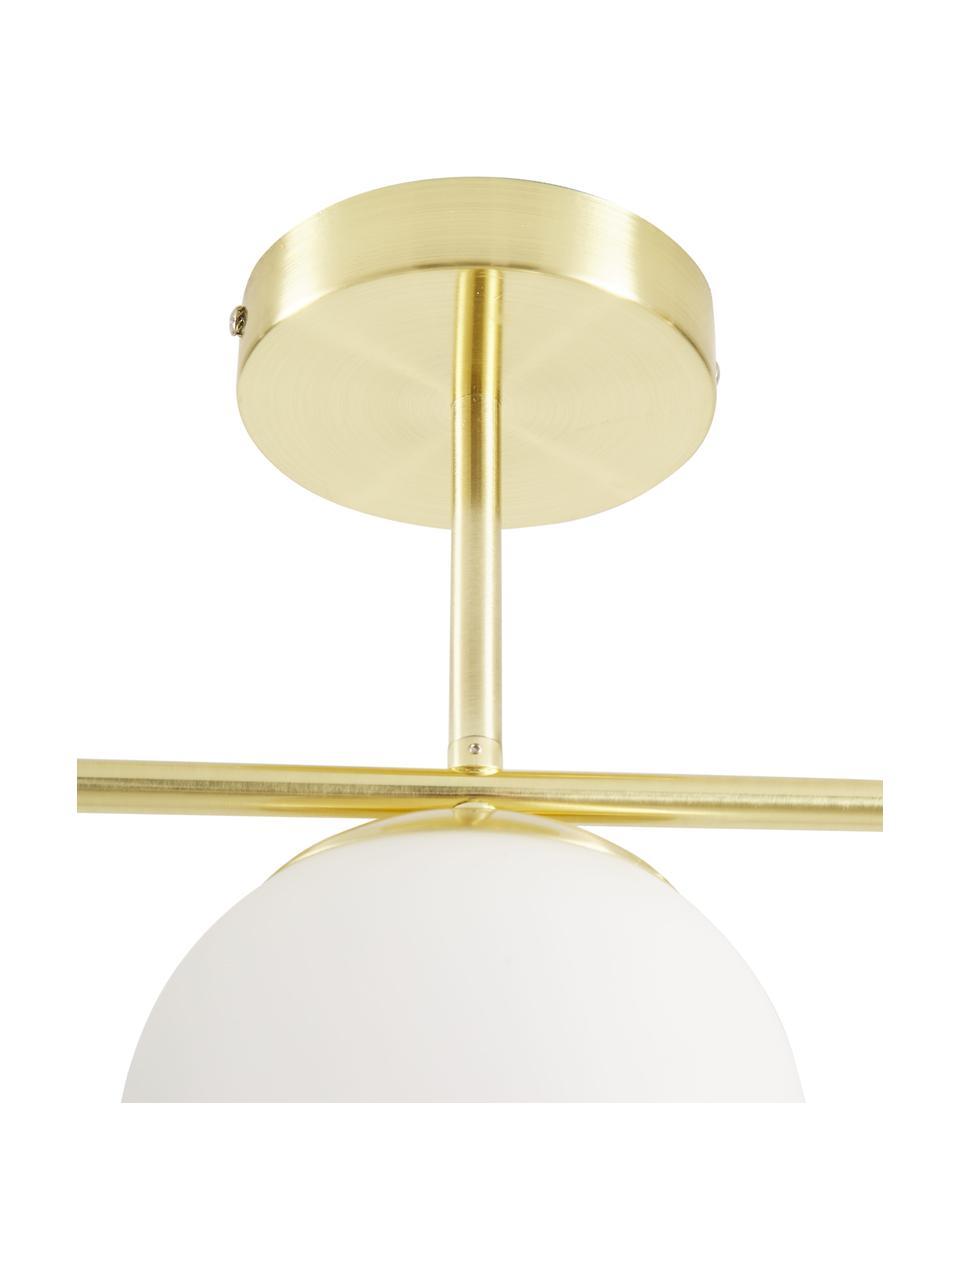 Lampada da soffitto in vetro opale Grant, Paralume: vetro, Struttura: metallo rivestito, Baldacchino: metallo rivestito, Bianco, ottonato, Larg. 70 x Alt. 30 cm